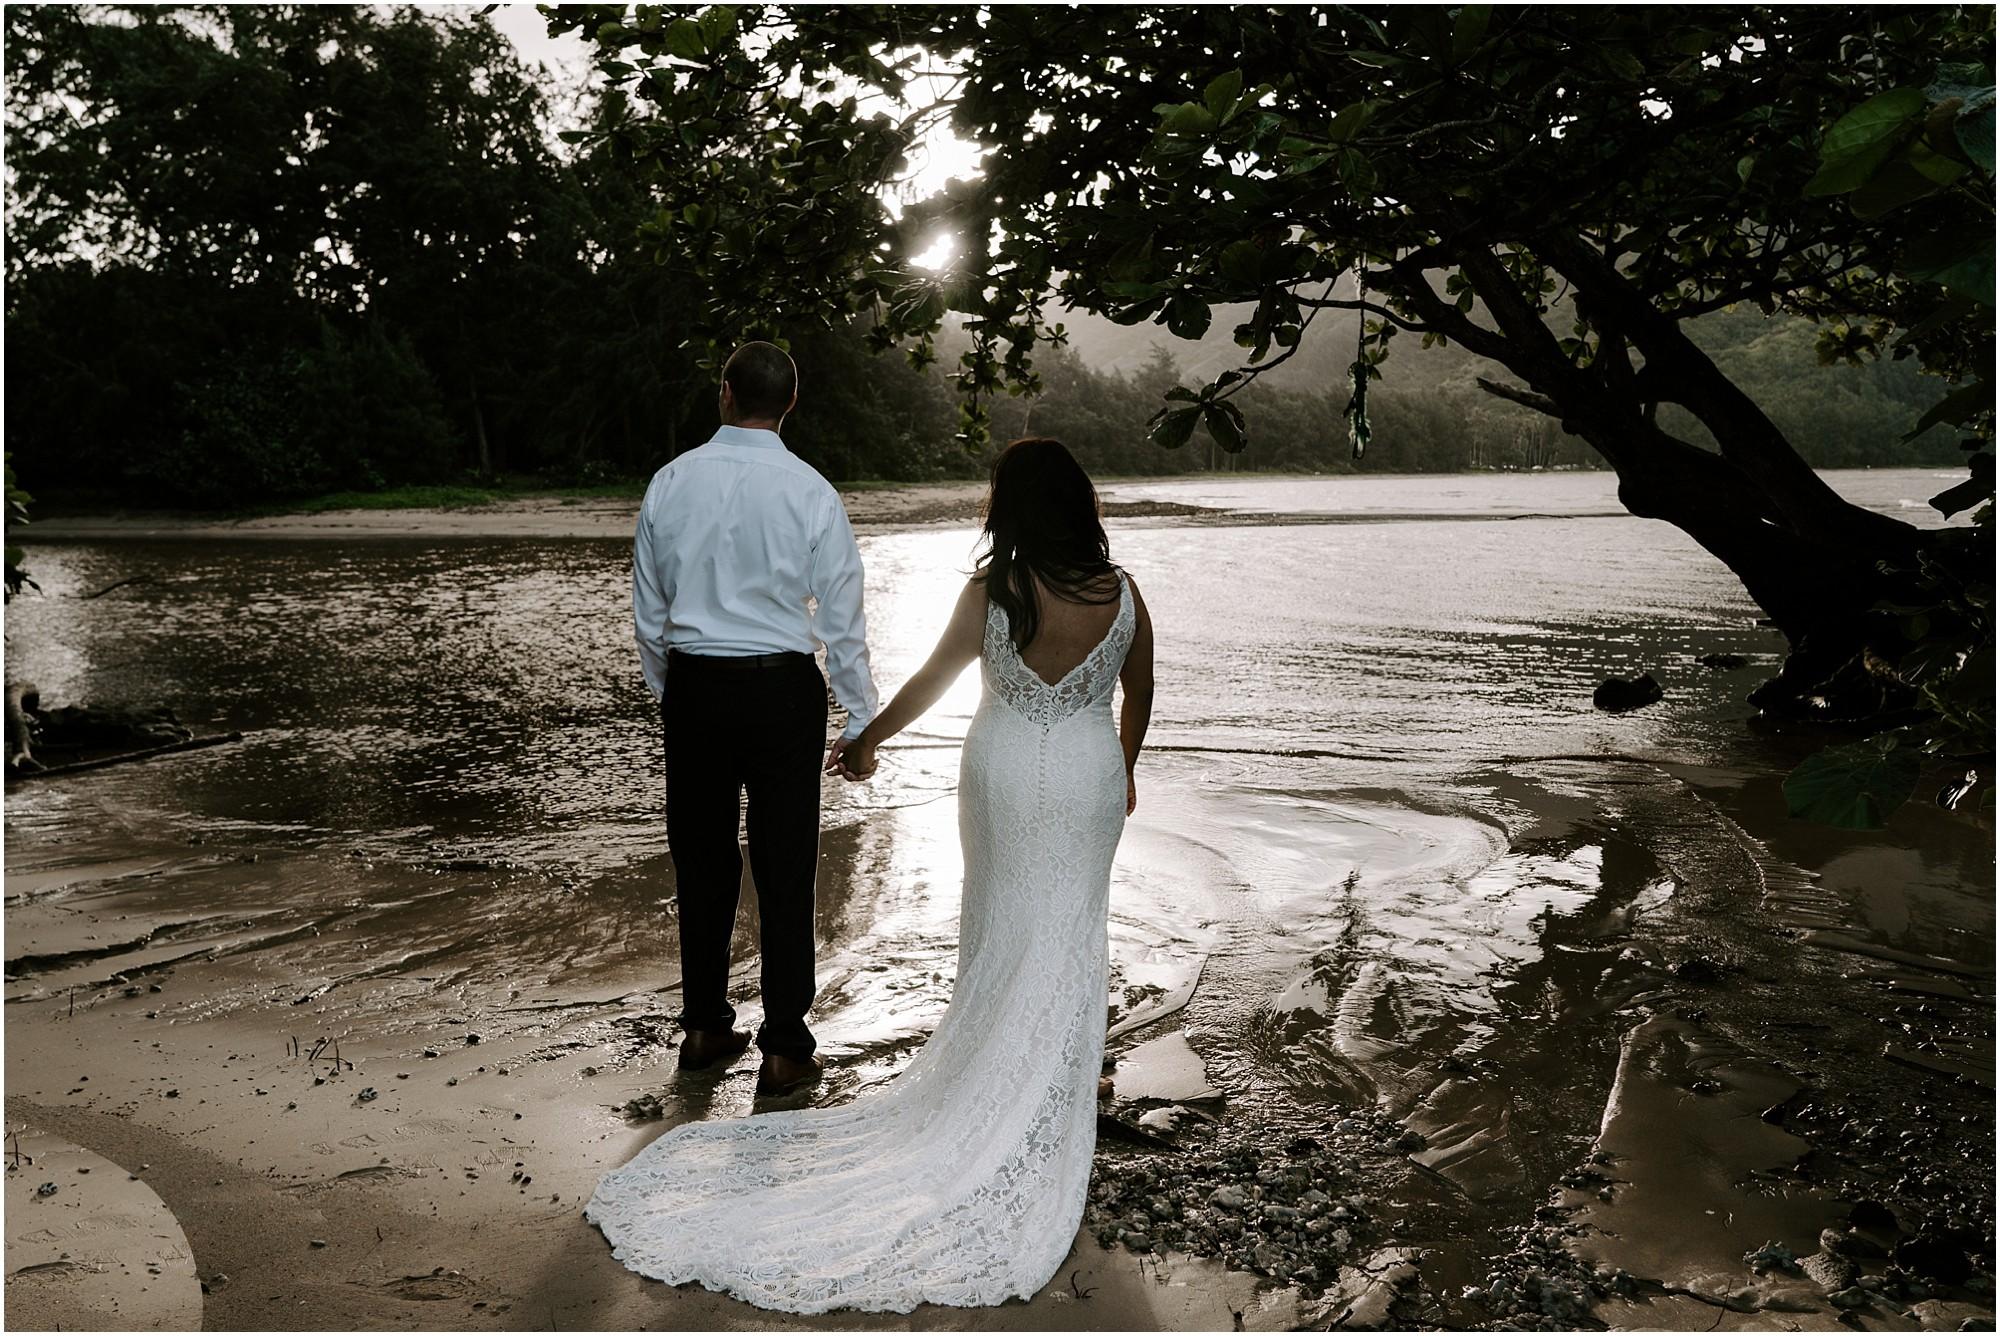 oahu-intimate-bridal-adventure-session_0011.jpg